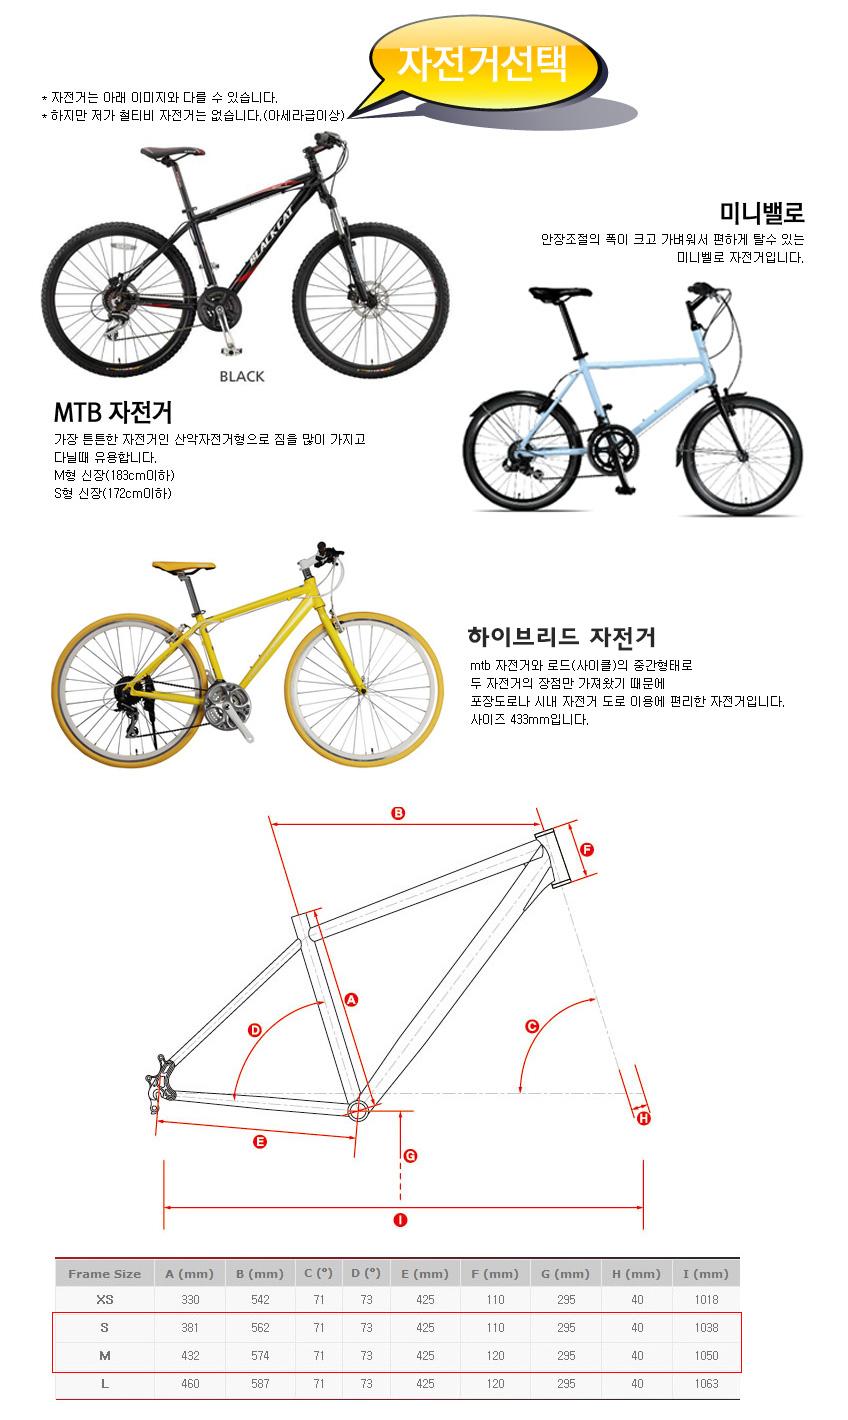 자전거 이미지